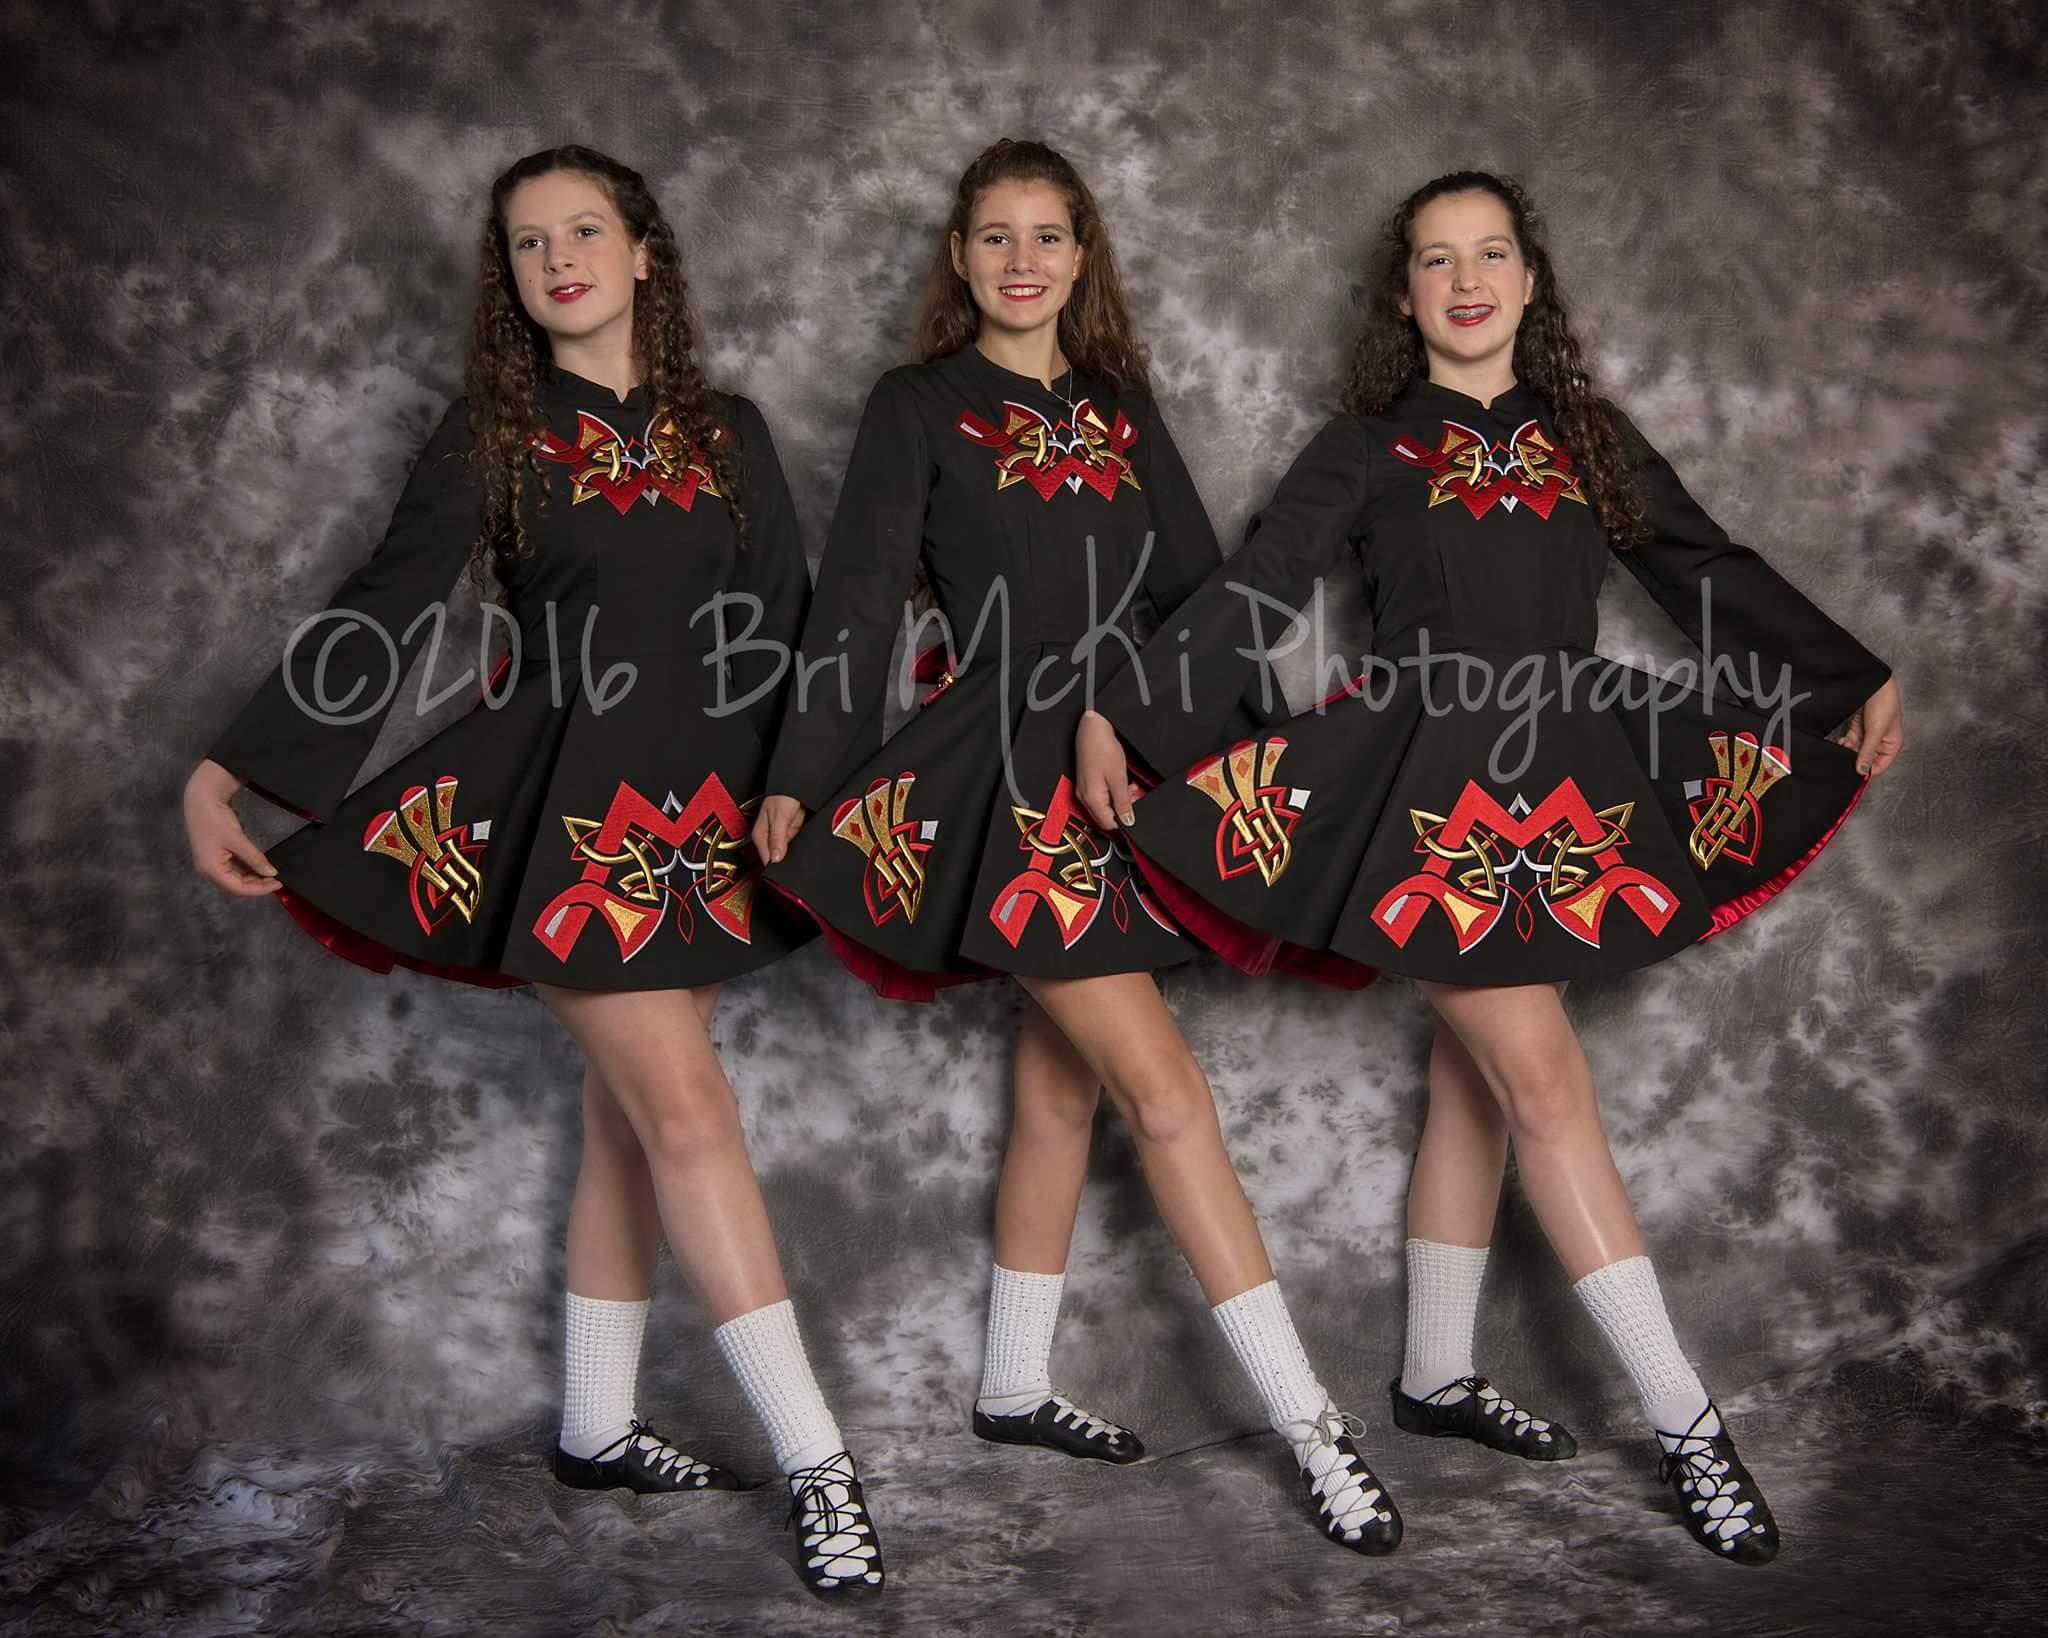 McKeever School of Irish Dance